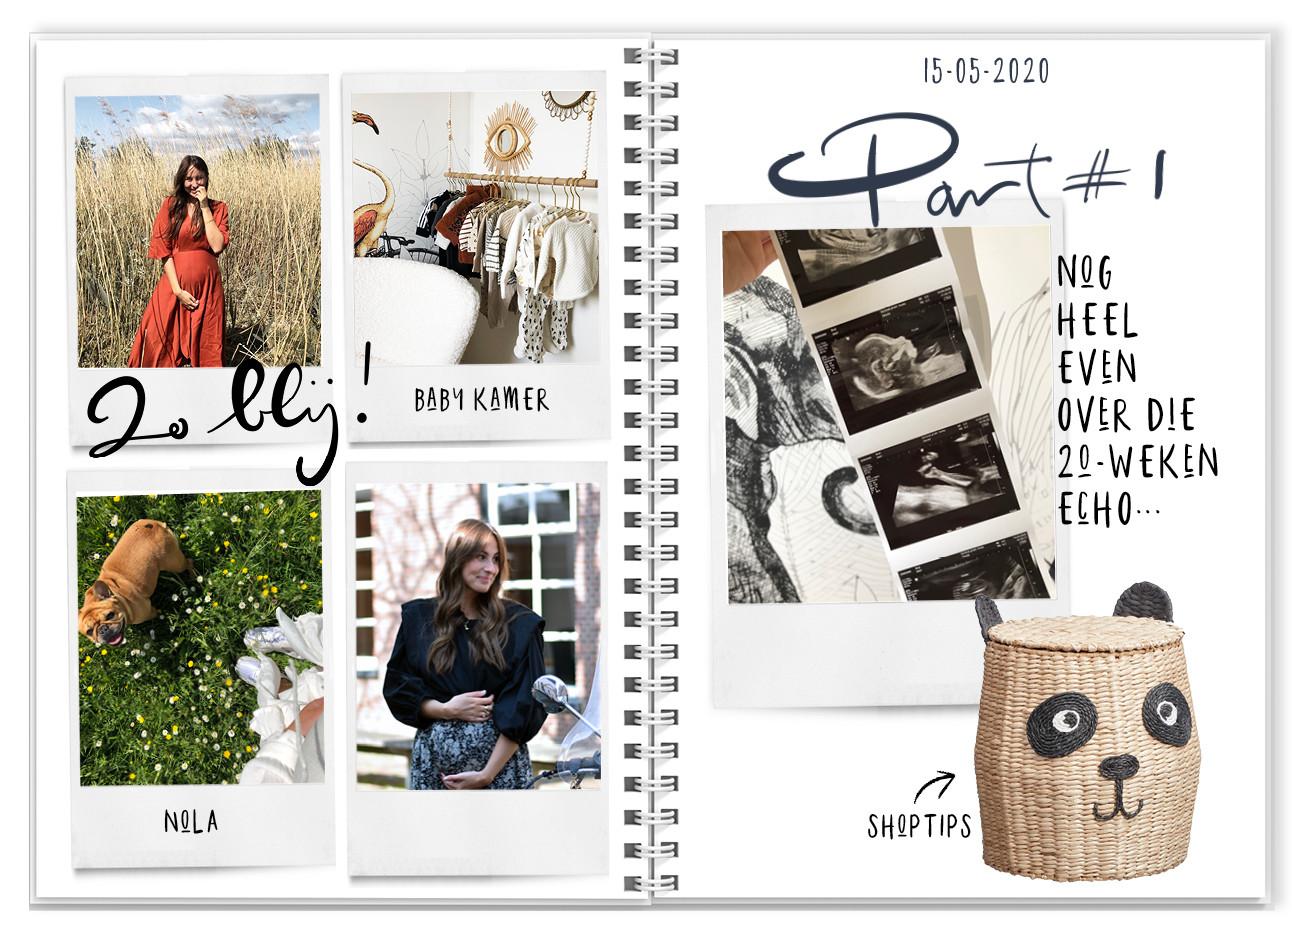 Lils Preggo Praat agenda met foto's en teksten lilian nola echo beeld shopping mand